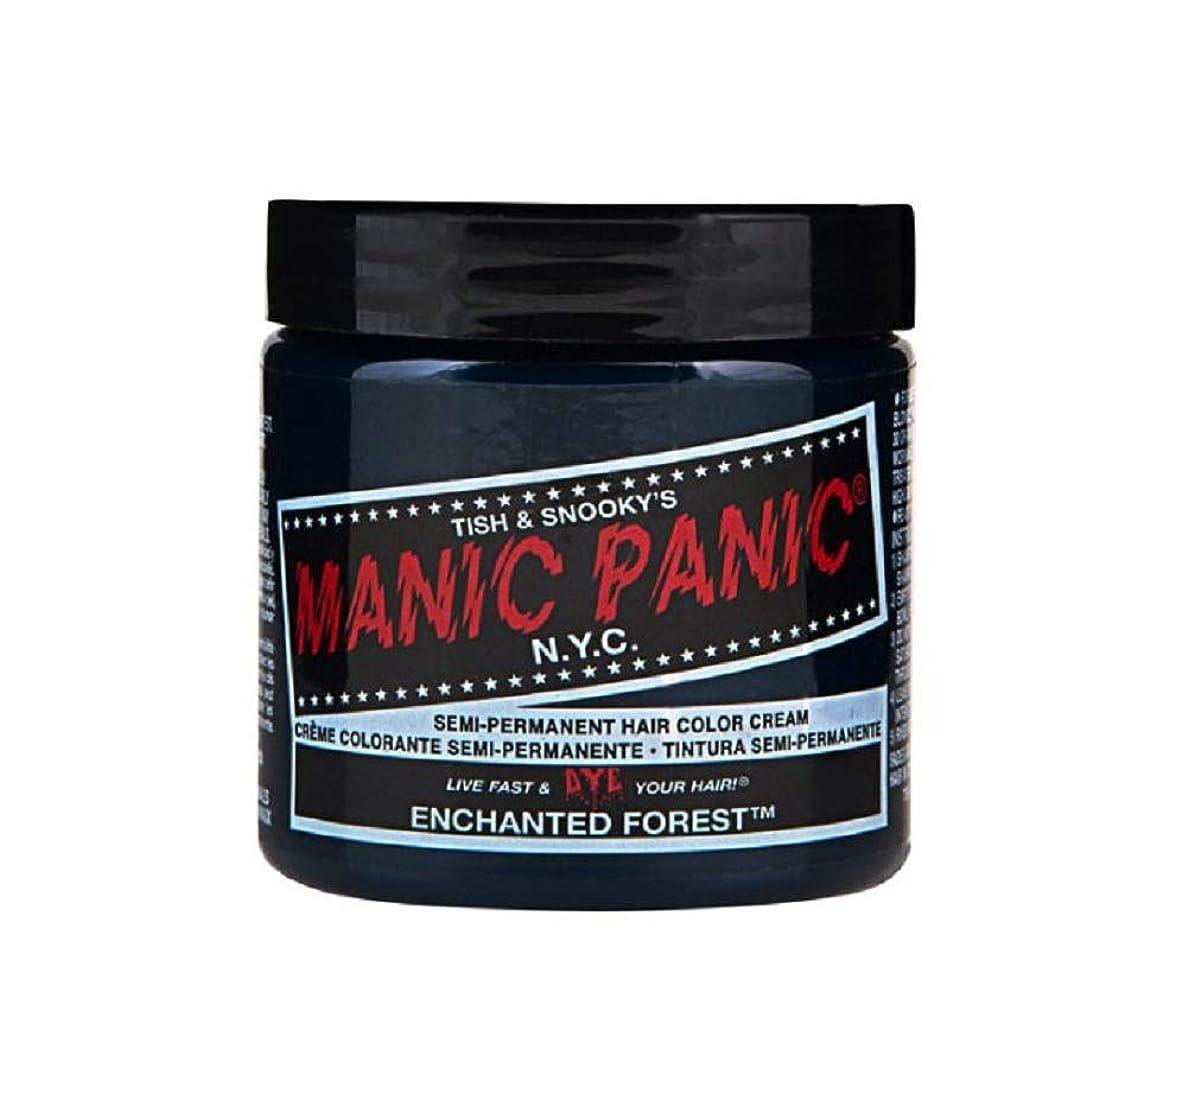 油湾器官マニックパニック MANIC PANIC ヘアカラー 118mlエンチャンティッドフォレスト ヘアーカラー